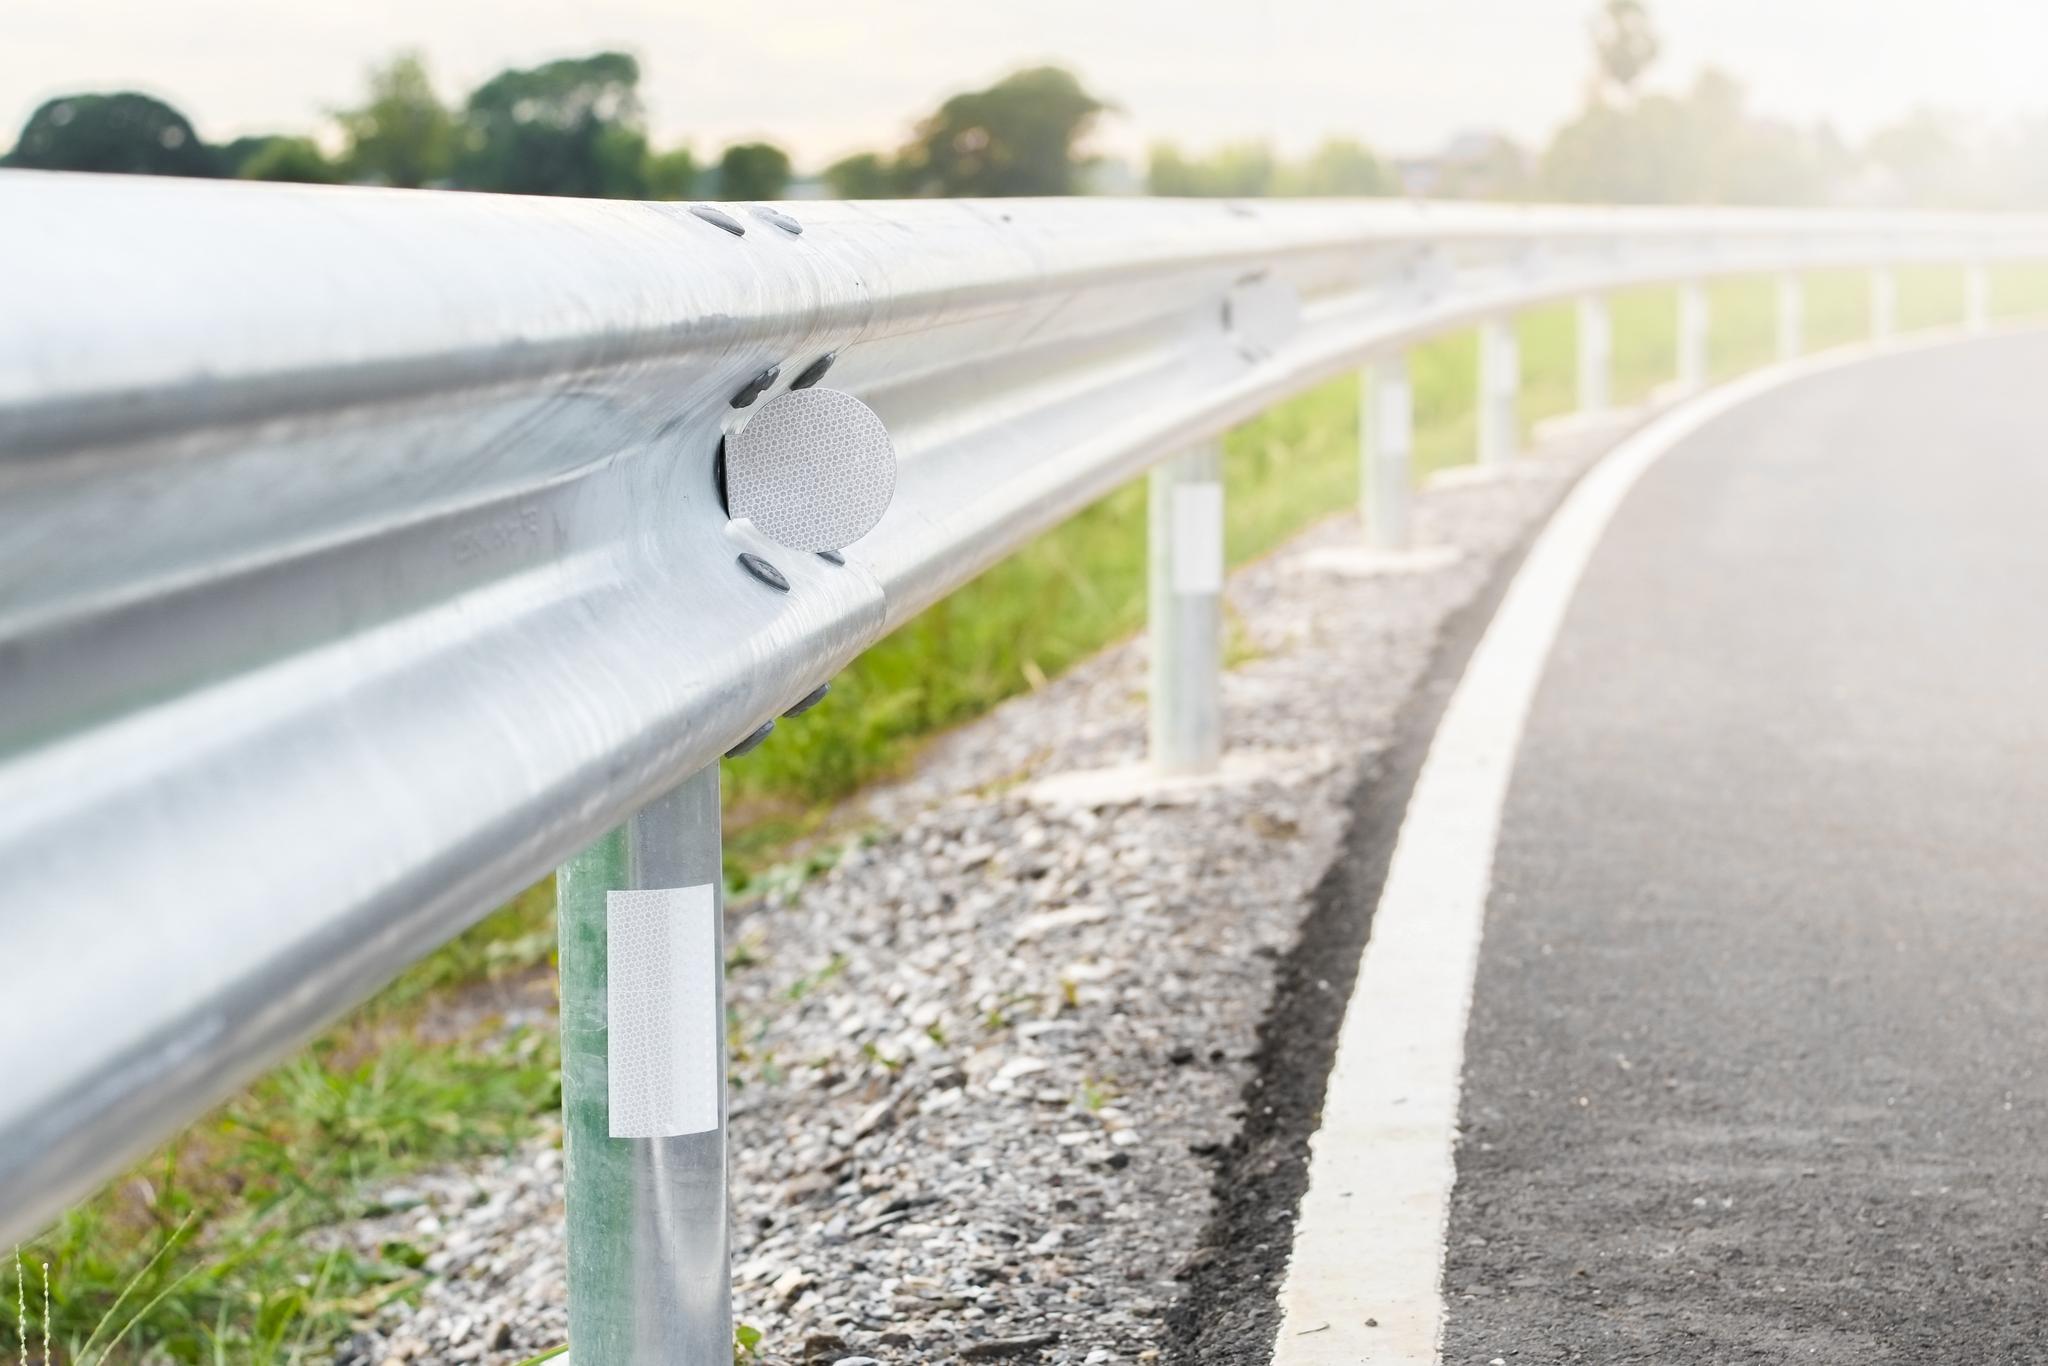 Leitplanke an der Autobahn im Sonnenschein